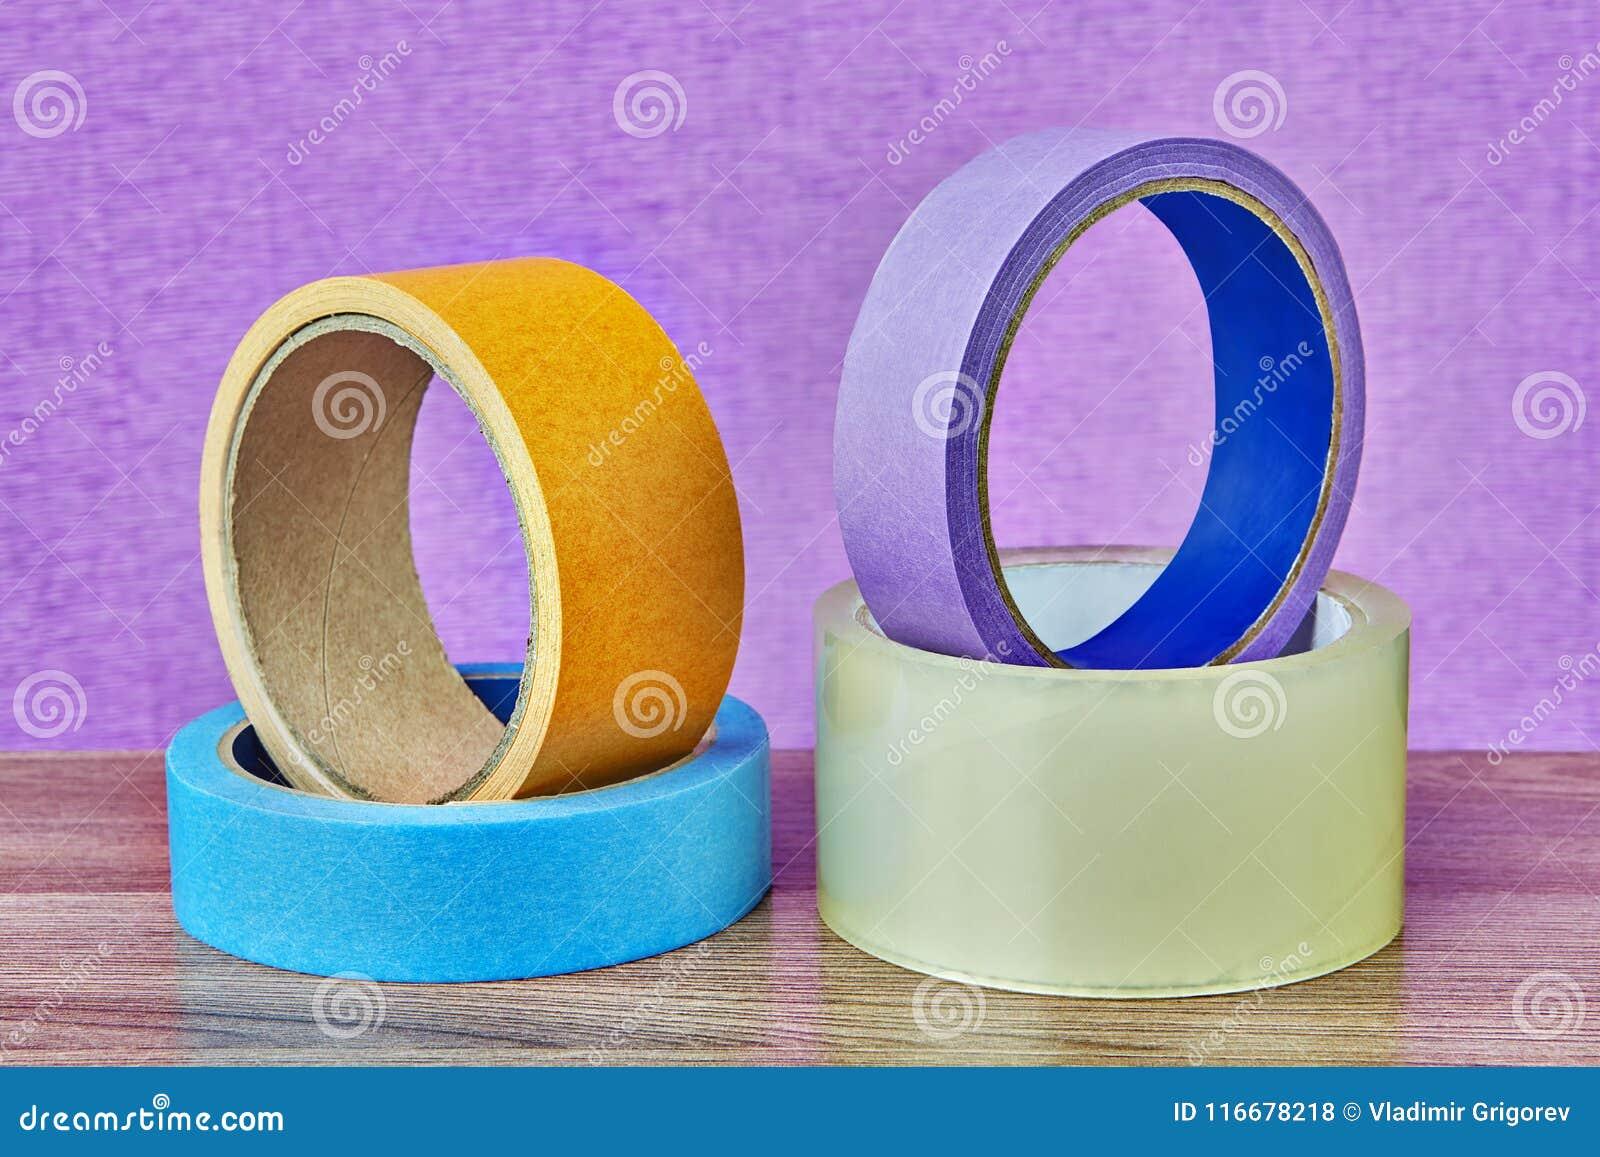 Quattro rotoli del nastro adesivo che si trovano sulla tavola, fondo lilla